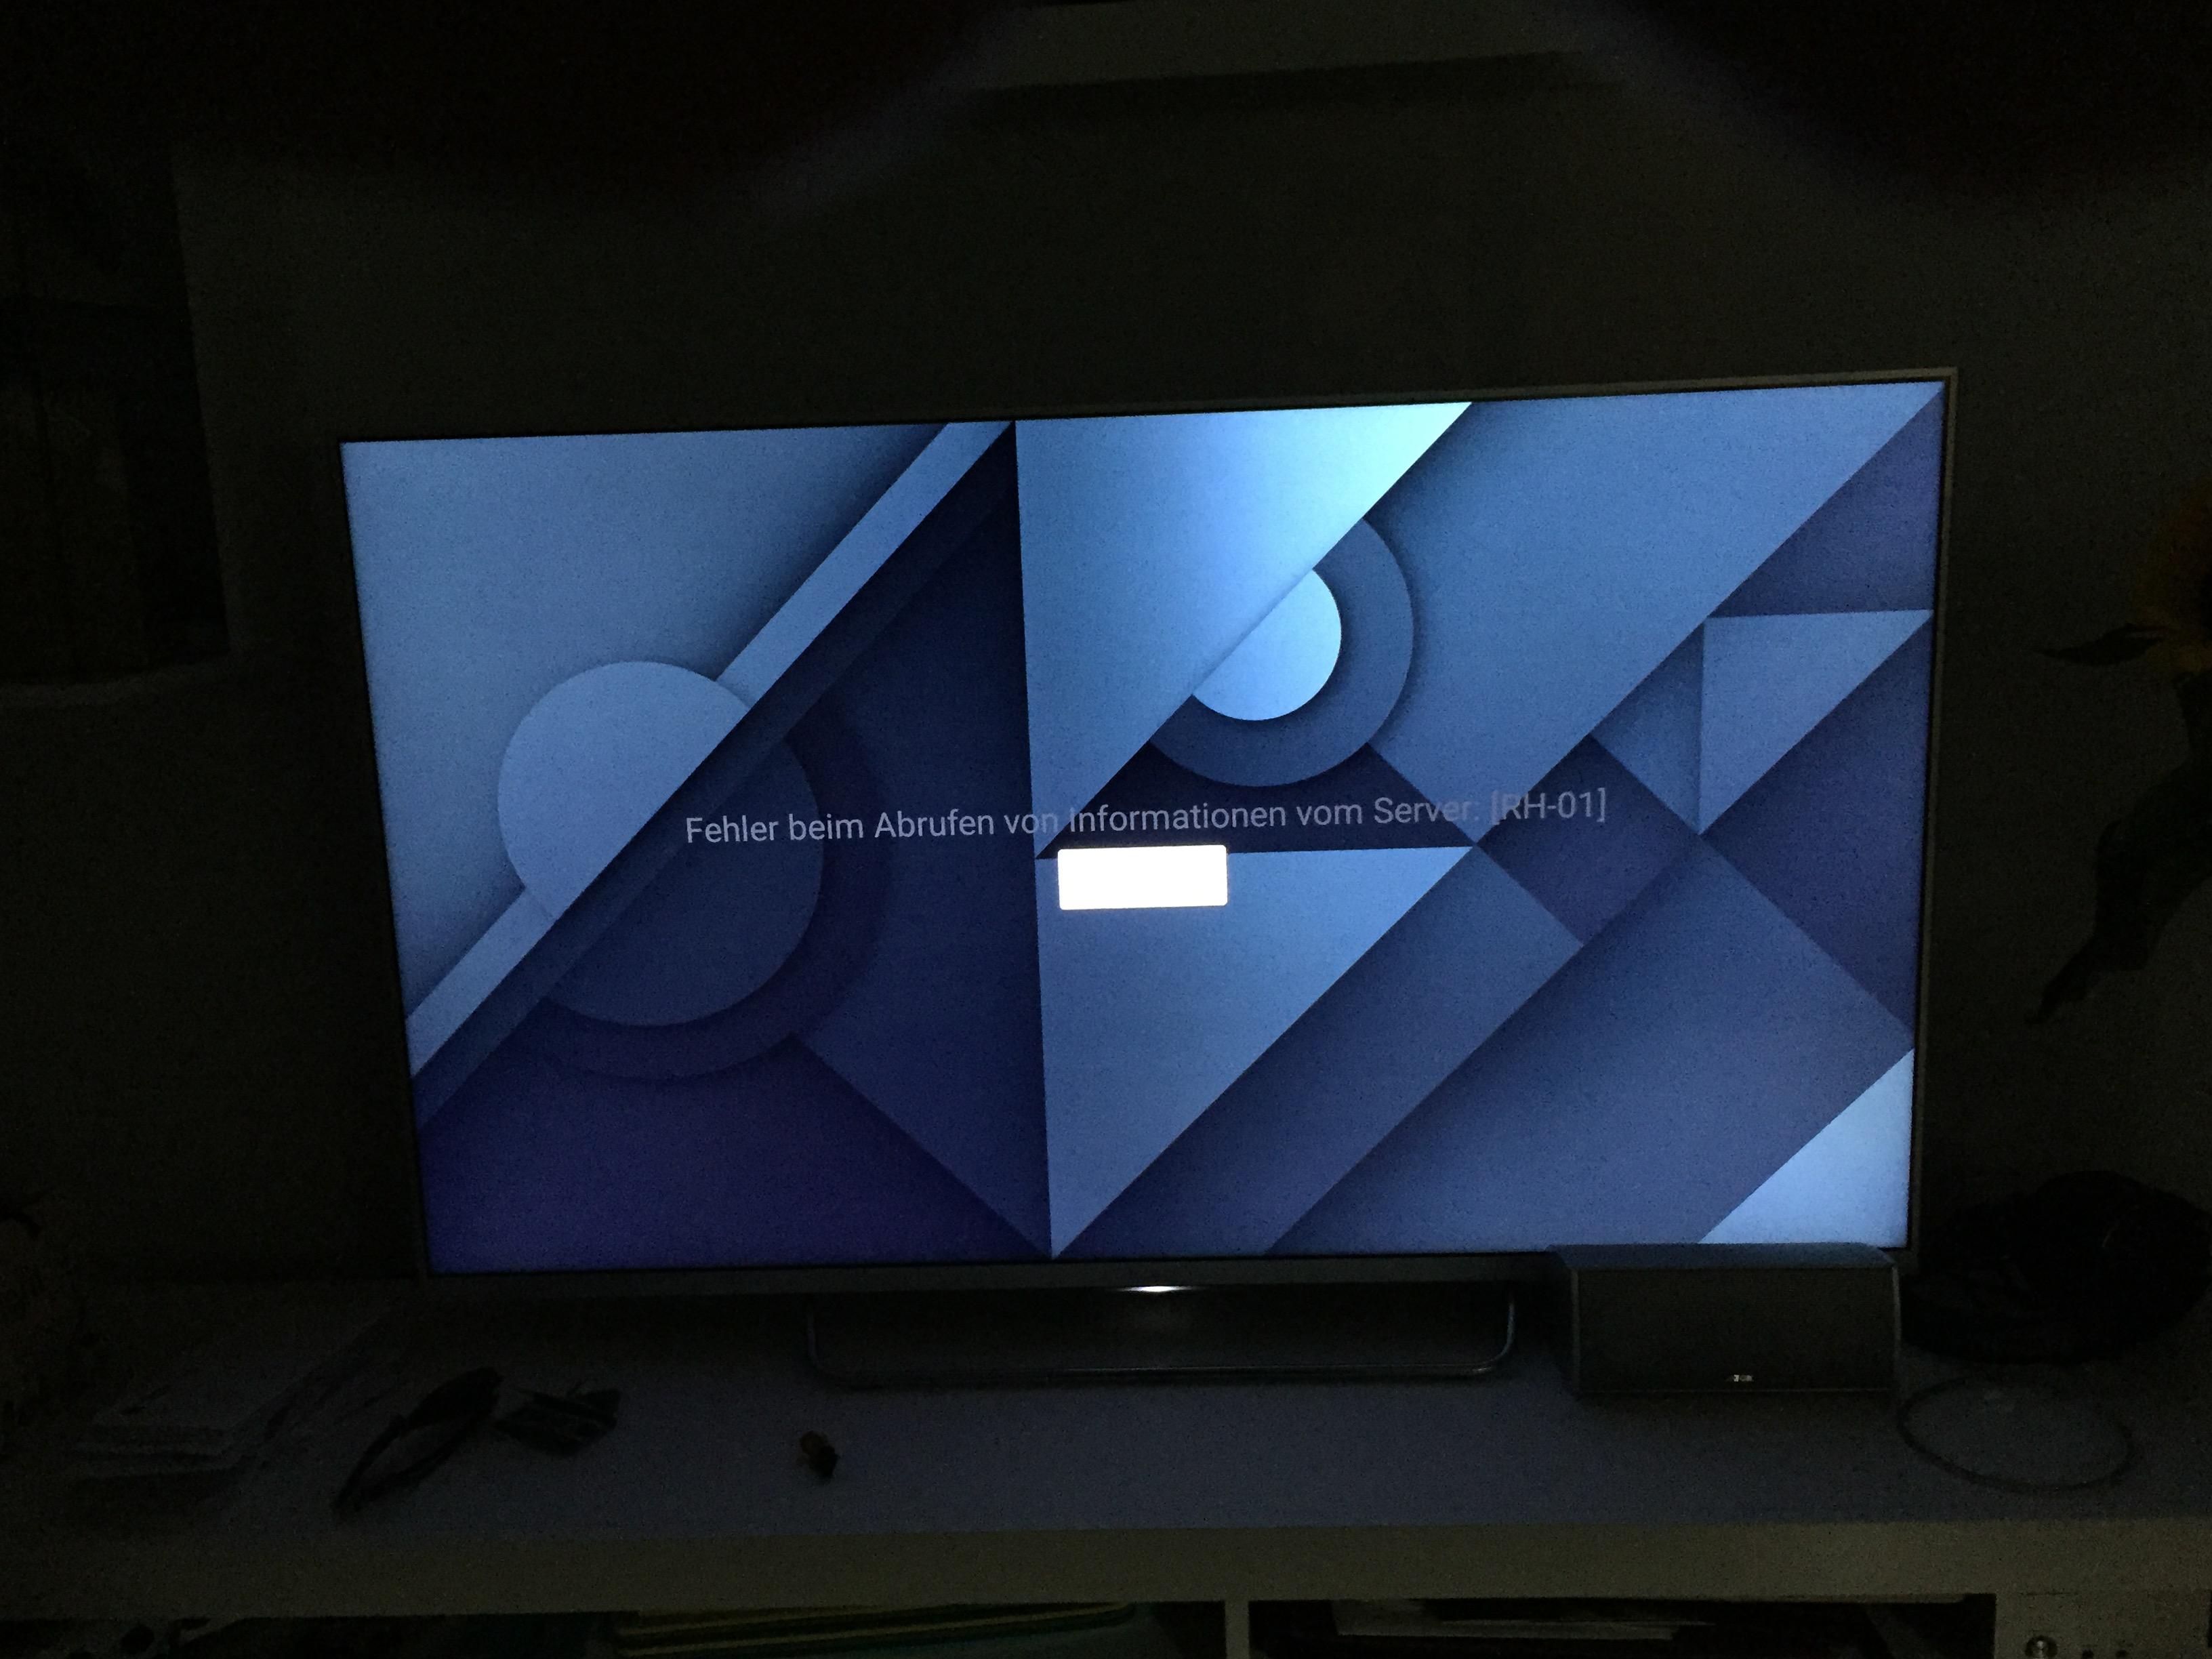 apps wie 7tv und spiegel tv funktionieren nicht s sony. Black Bedroom Furniture Sets. Home Design Ideas